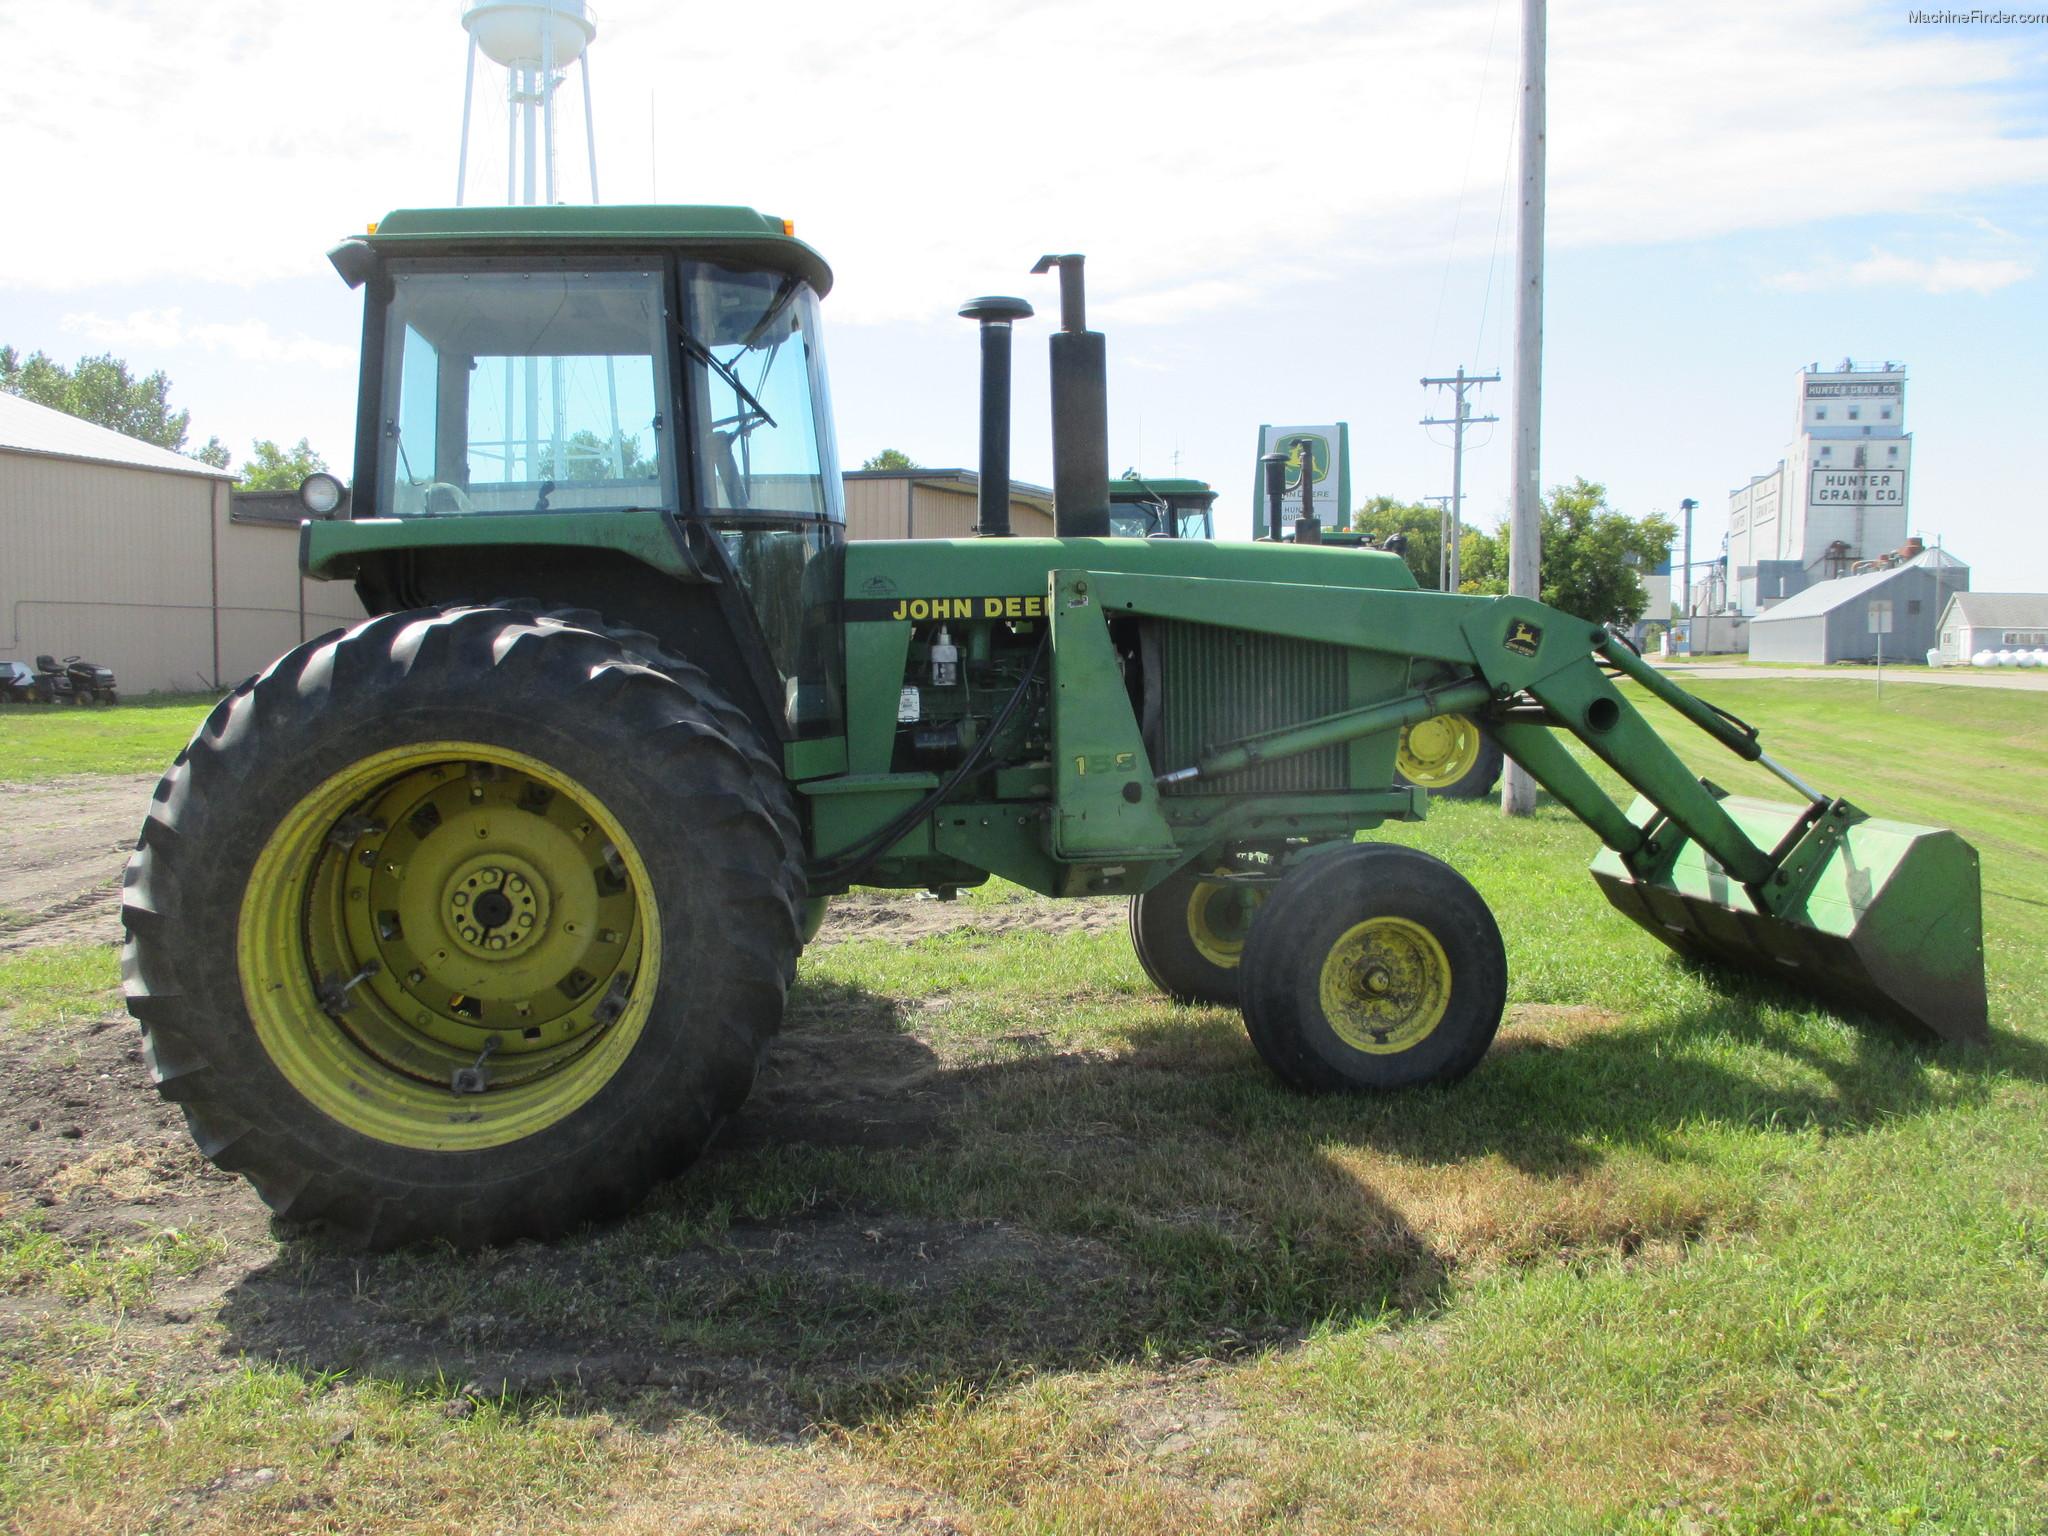 1991 John Deere 4255 Tractors - Row Crop (+100hp) - John ...